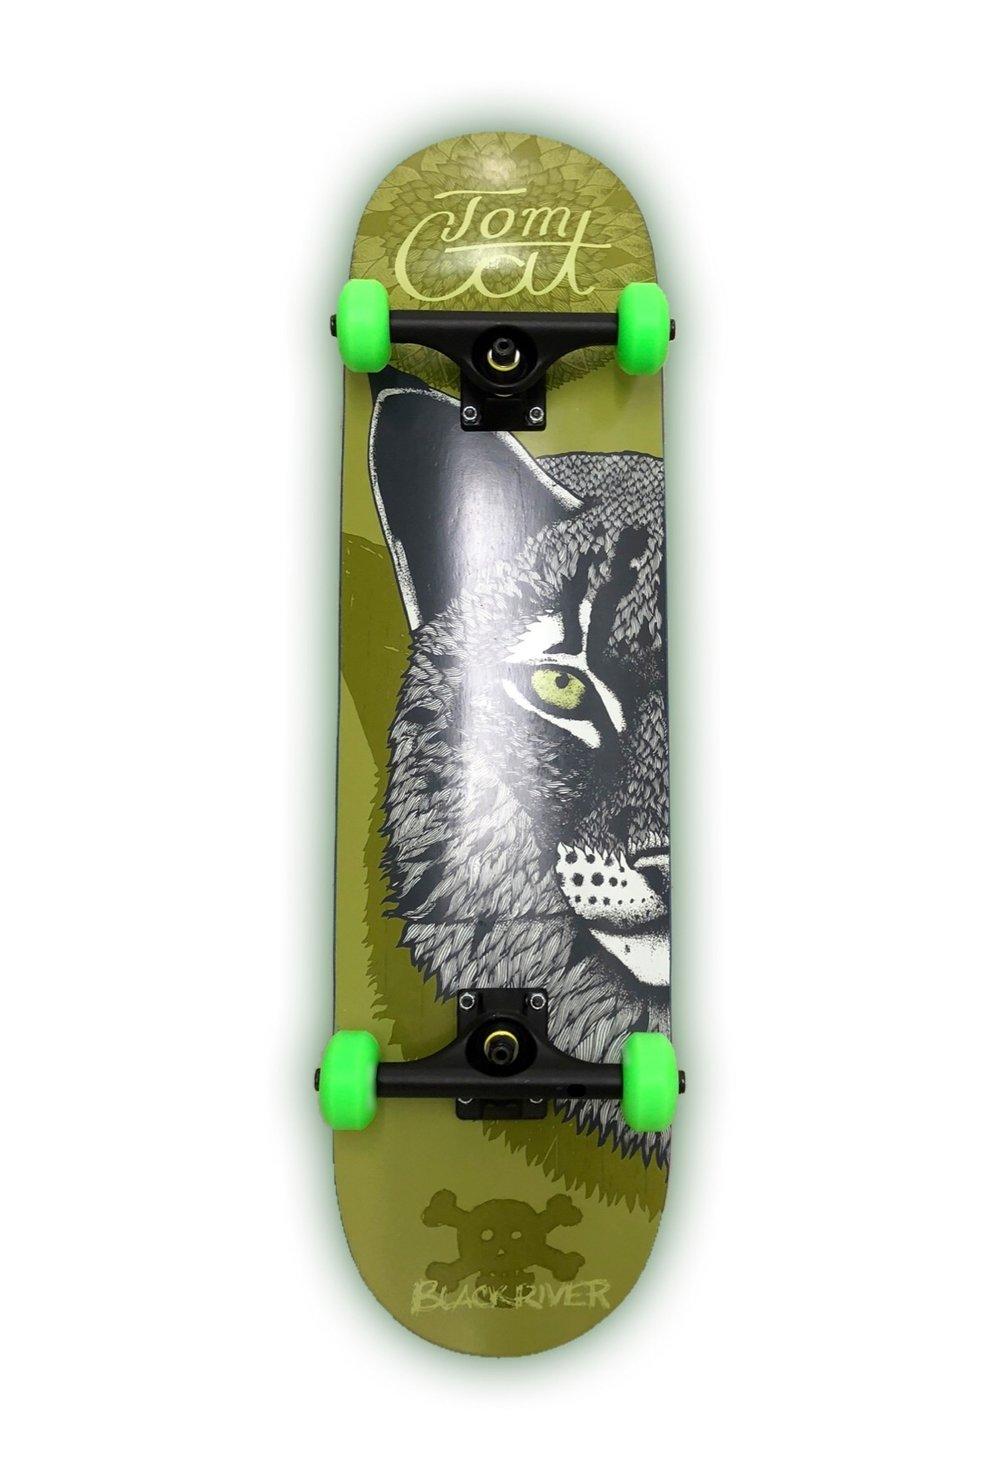 Tom Cat Skateboard schwarze Achsen, grüne Rollen Skateboard kaufen München.JPG